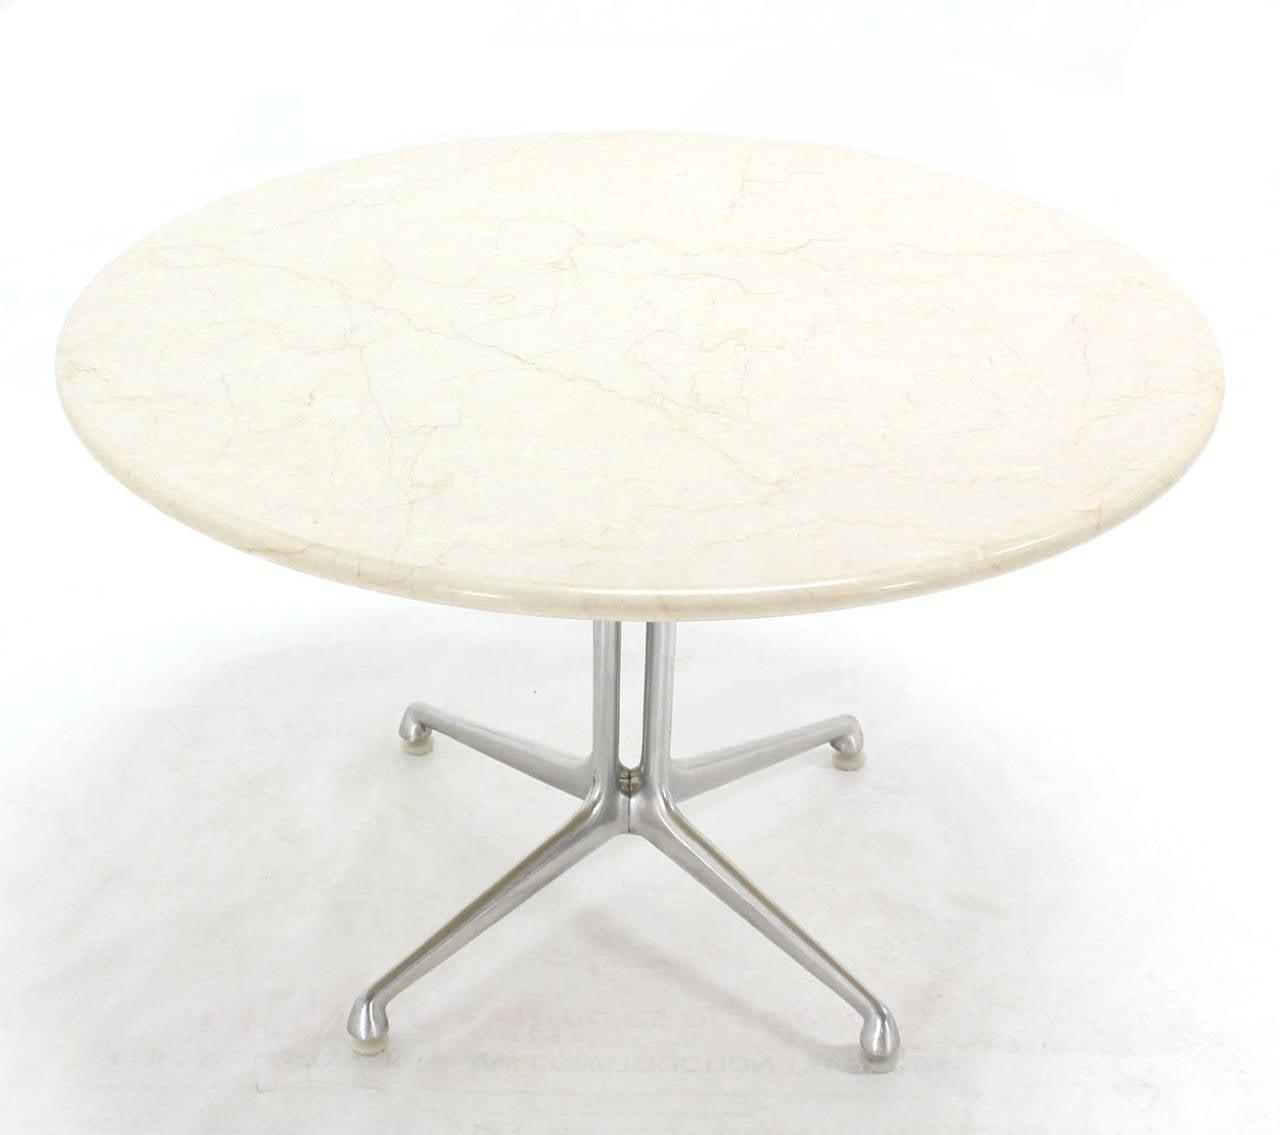 White Marble Top Coffee Tables: La Fonda, Charles Eames White Marble-Top Coffee Table At